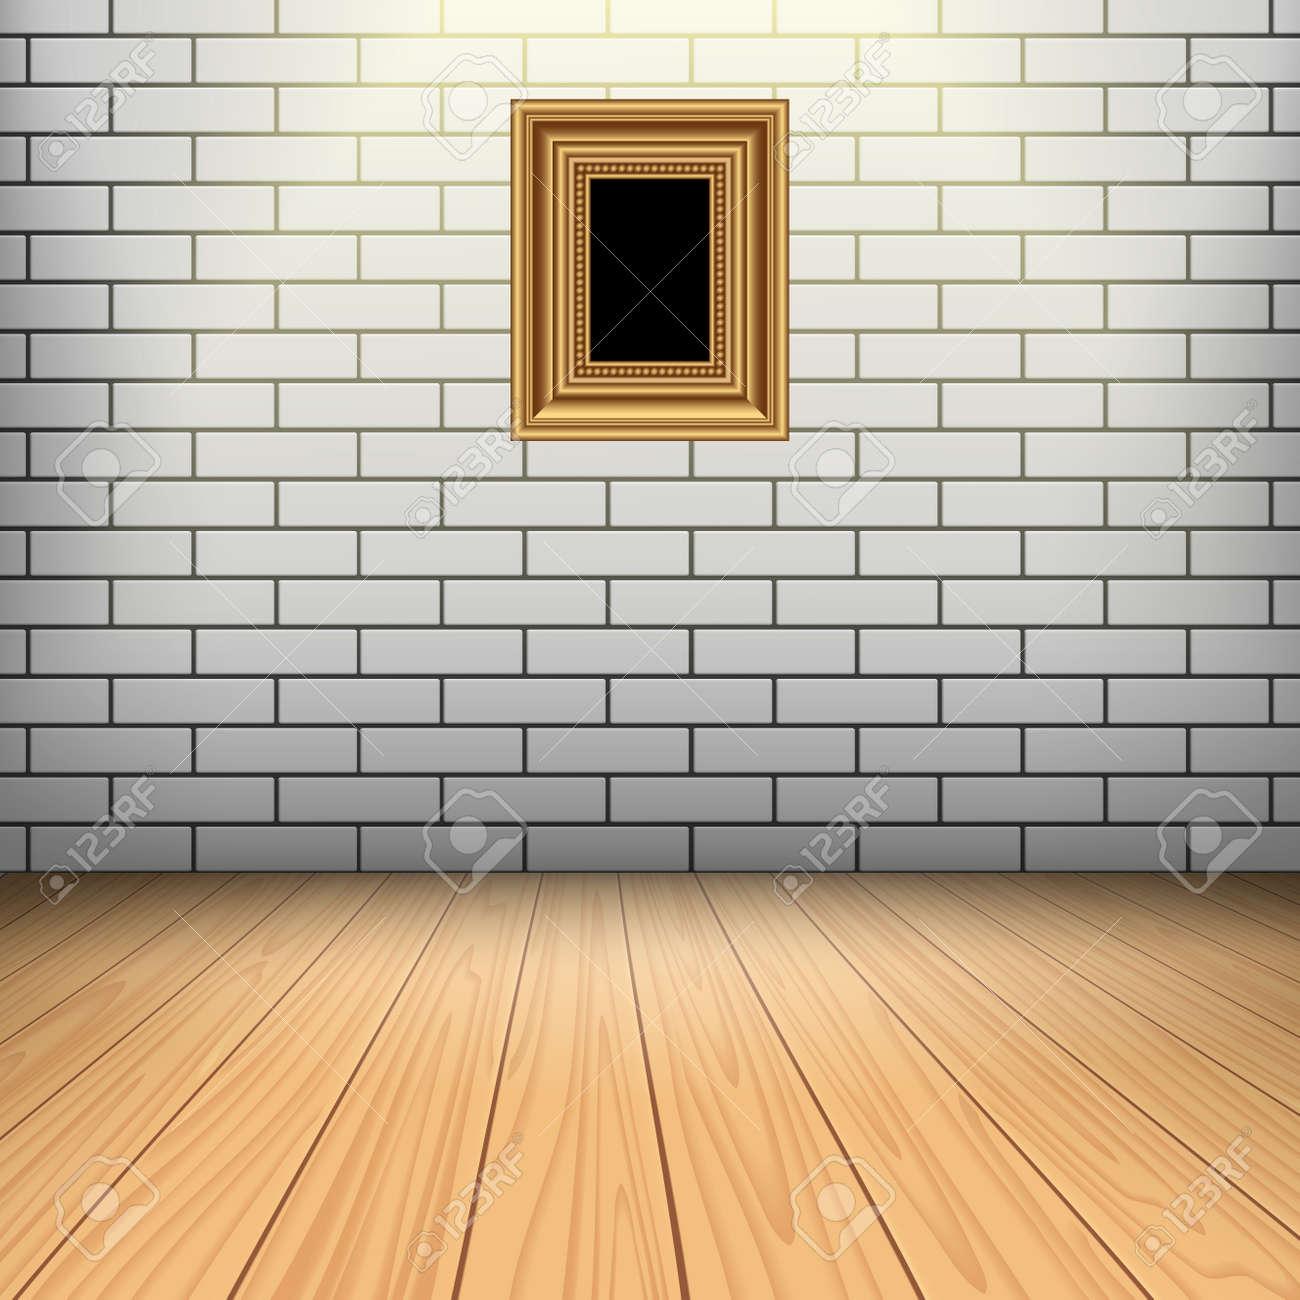 foto de archivo sitio interior con pared blanca de ladrillo piso de madera y el marco de oro para su imagen with madera para la pared